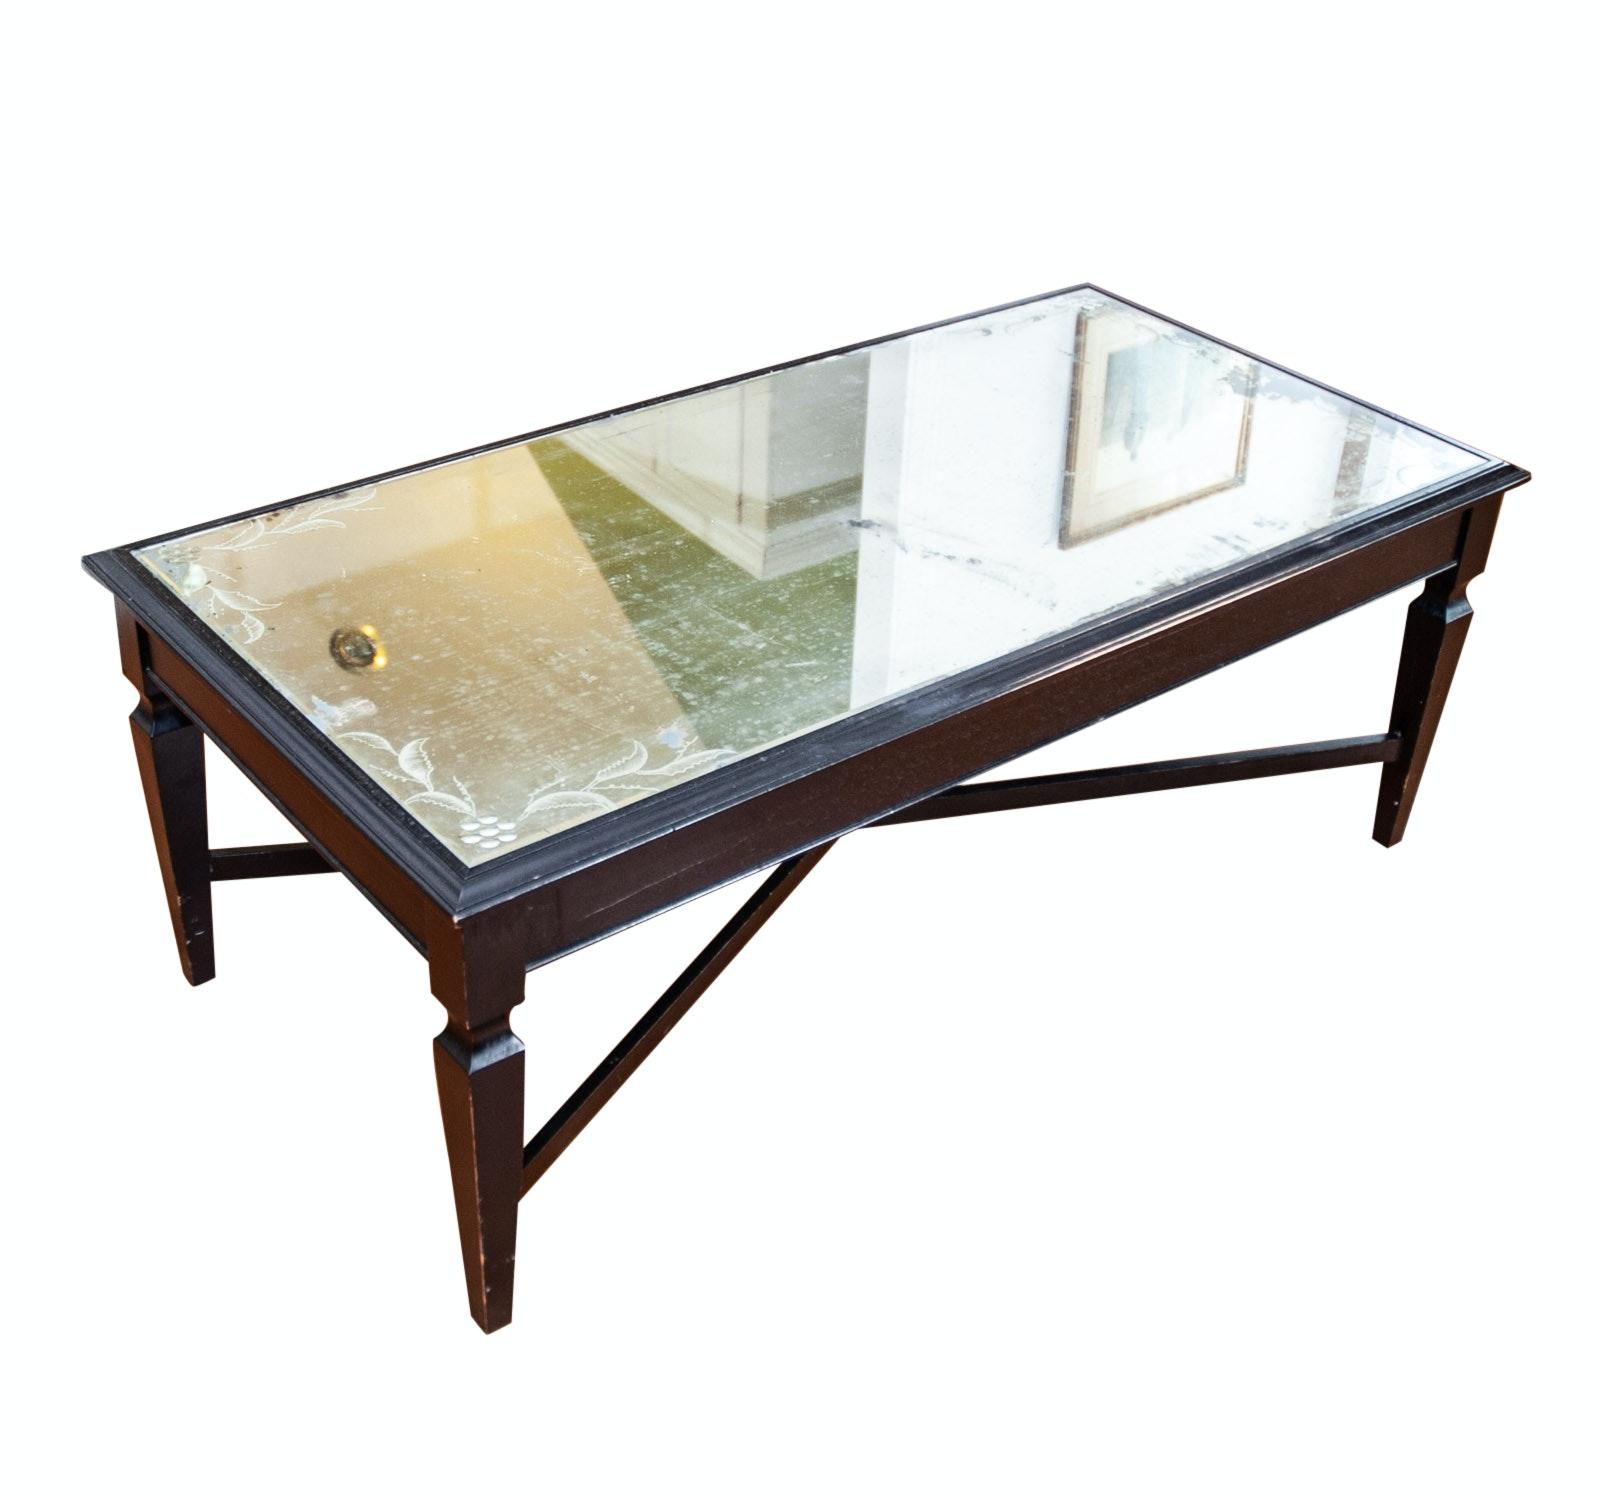 Arhaus Mirror Top Coffee Table